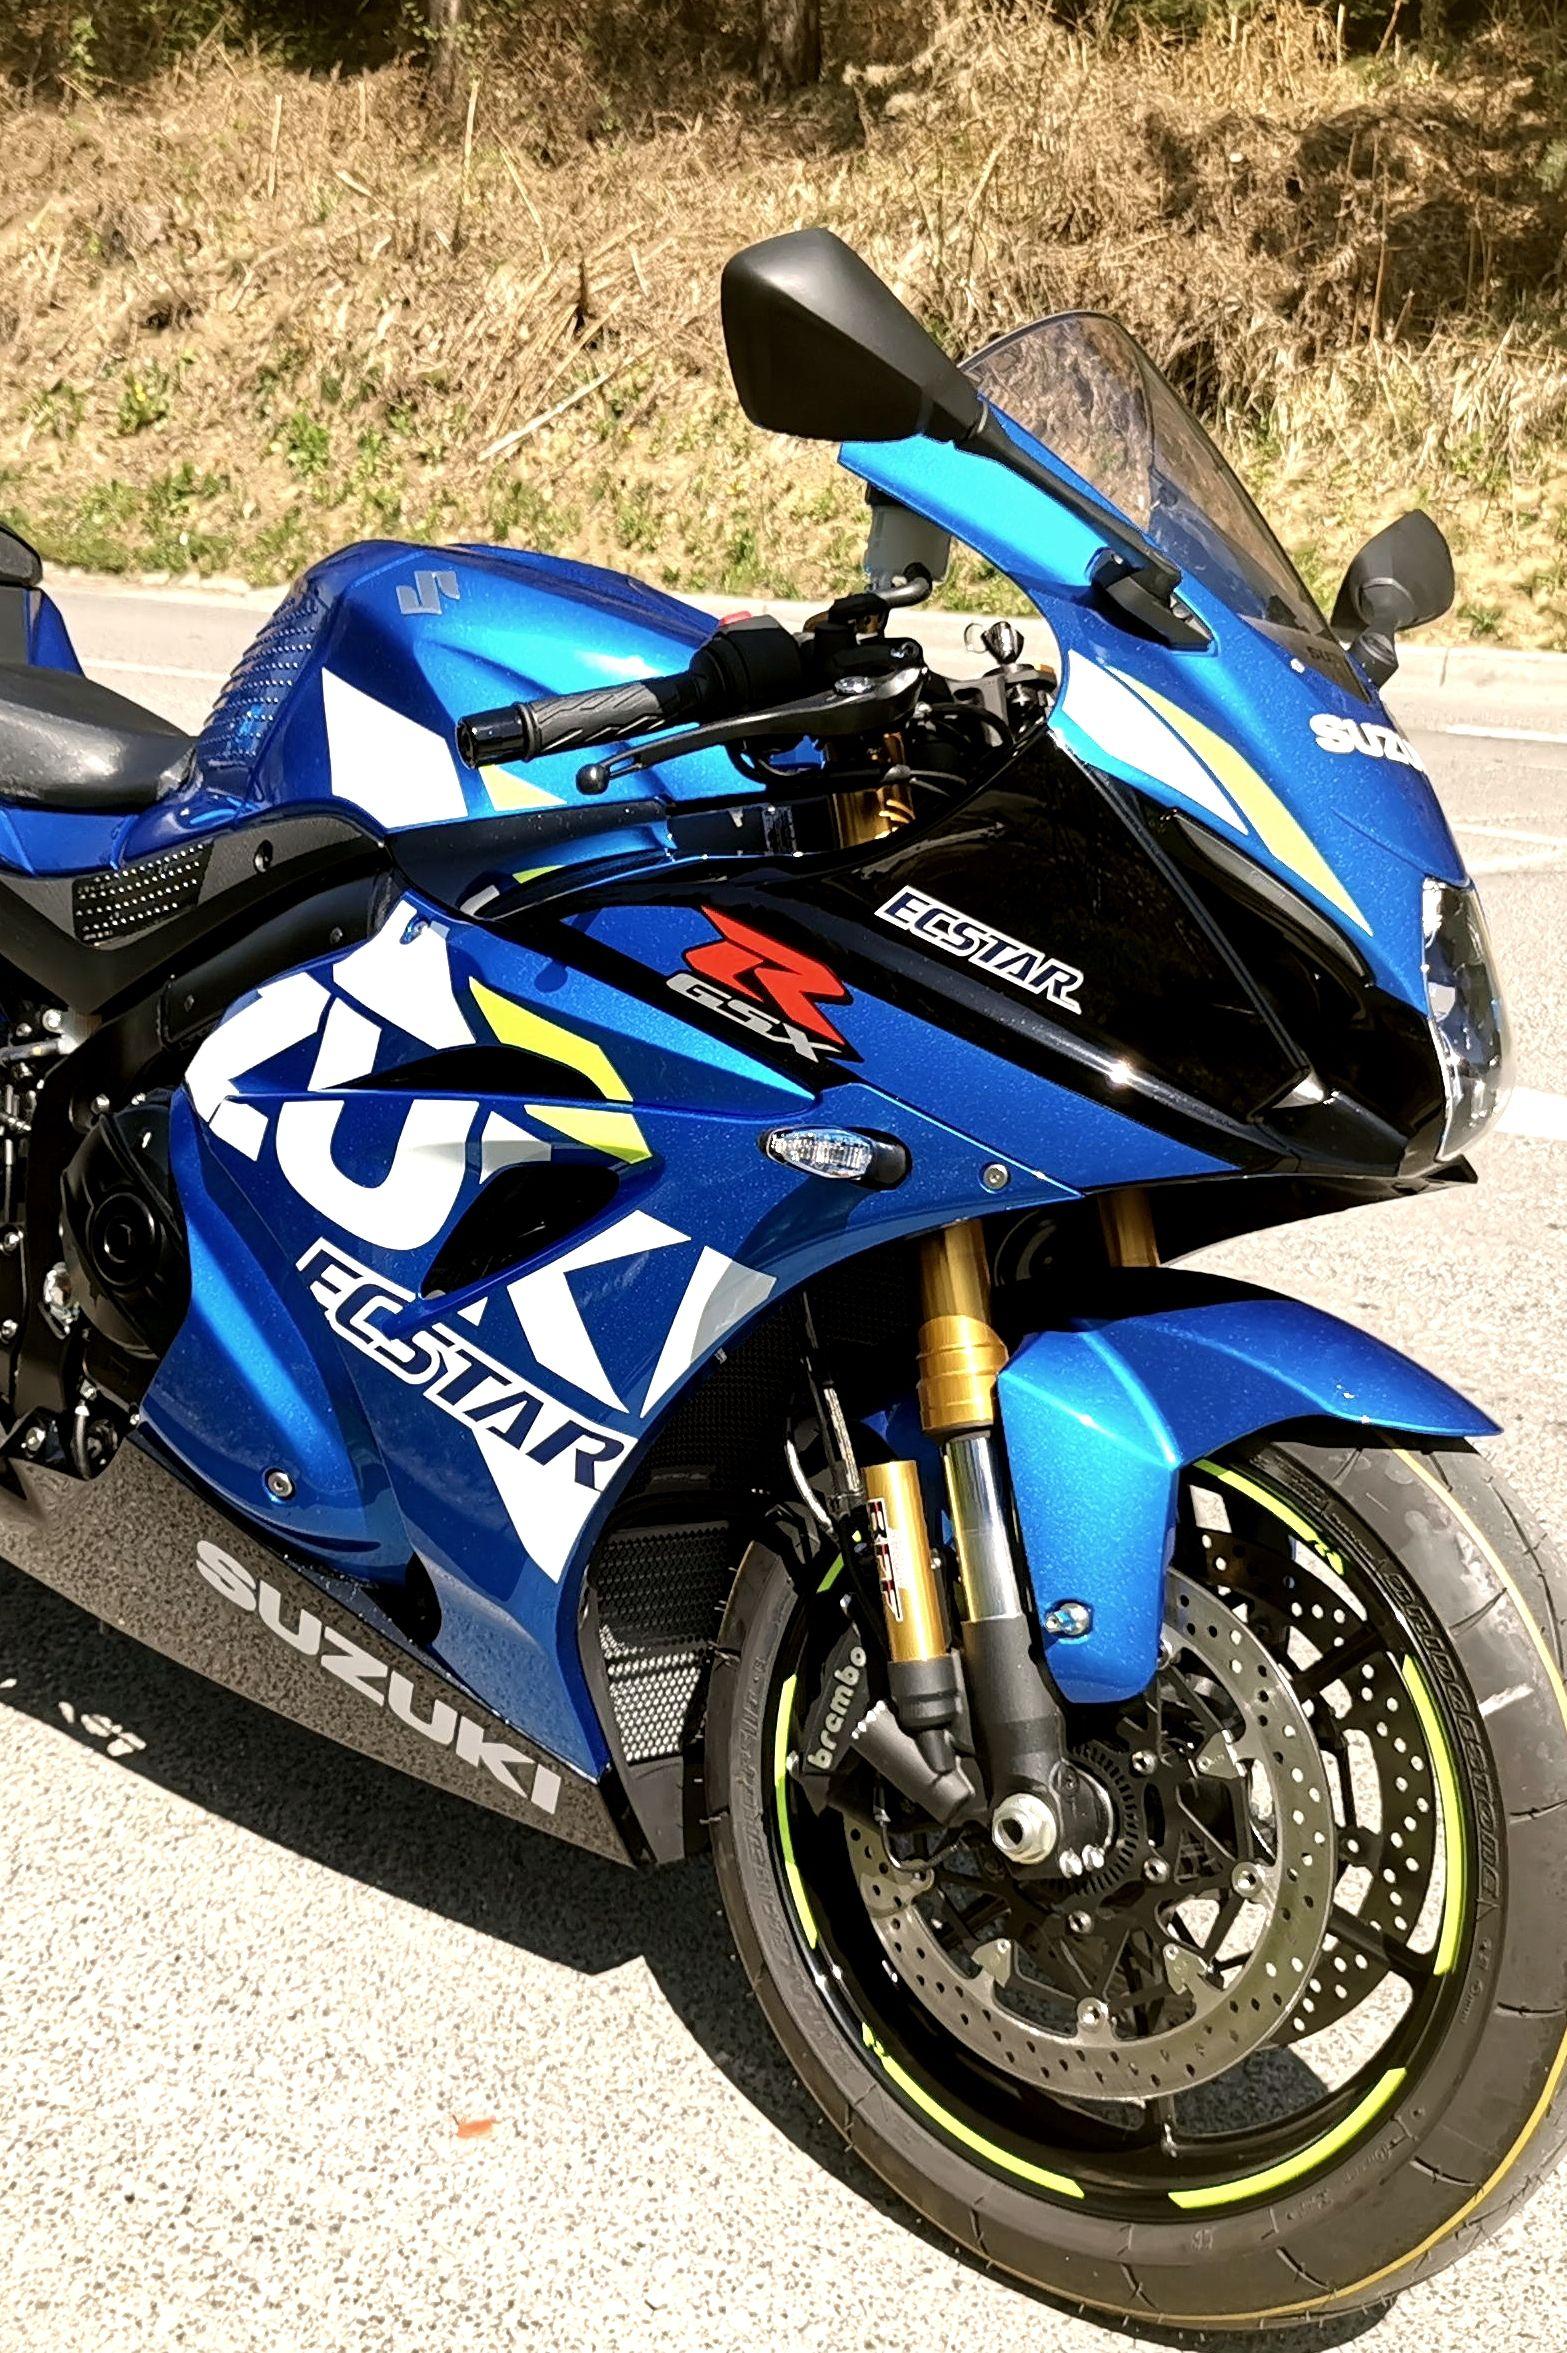 2020 Suzuki Gsxr1000 in 2020 Suzuki gsxr1000, Suzuki